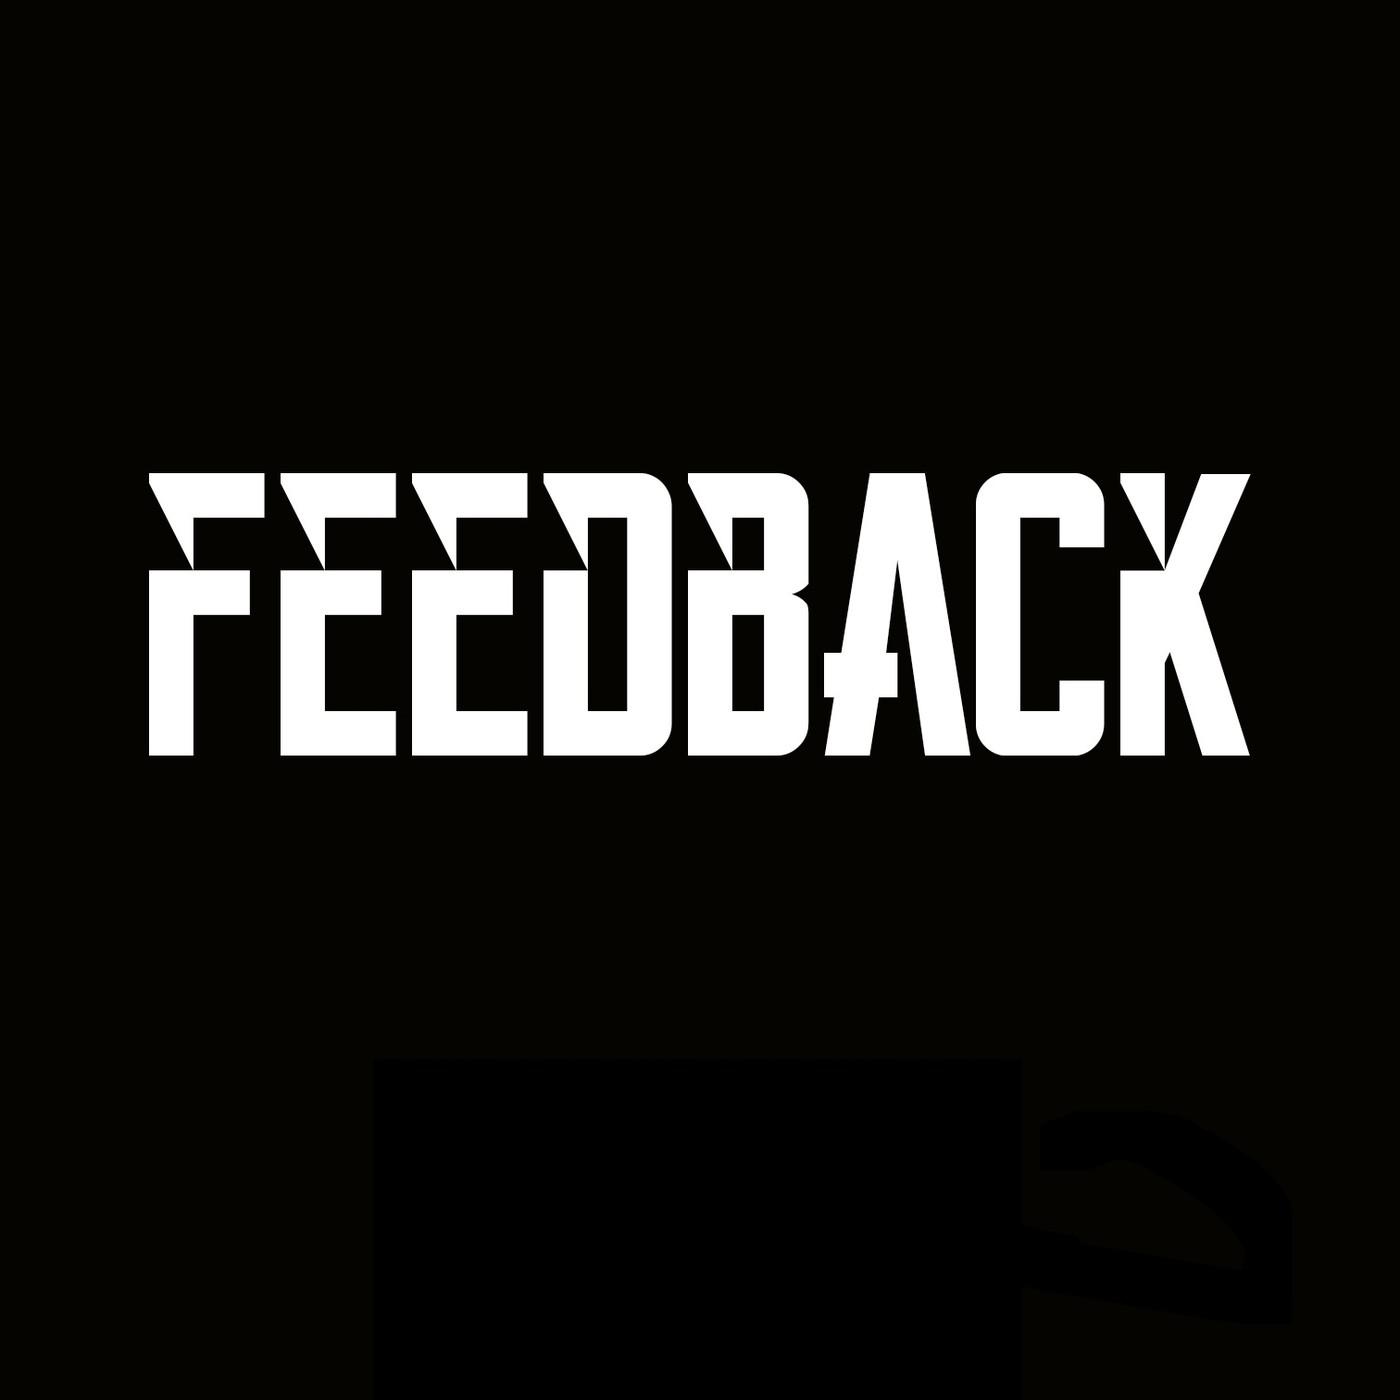 Feedback - 17 Octubre 2020